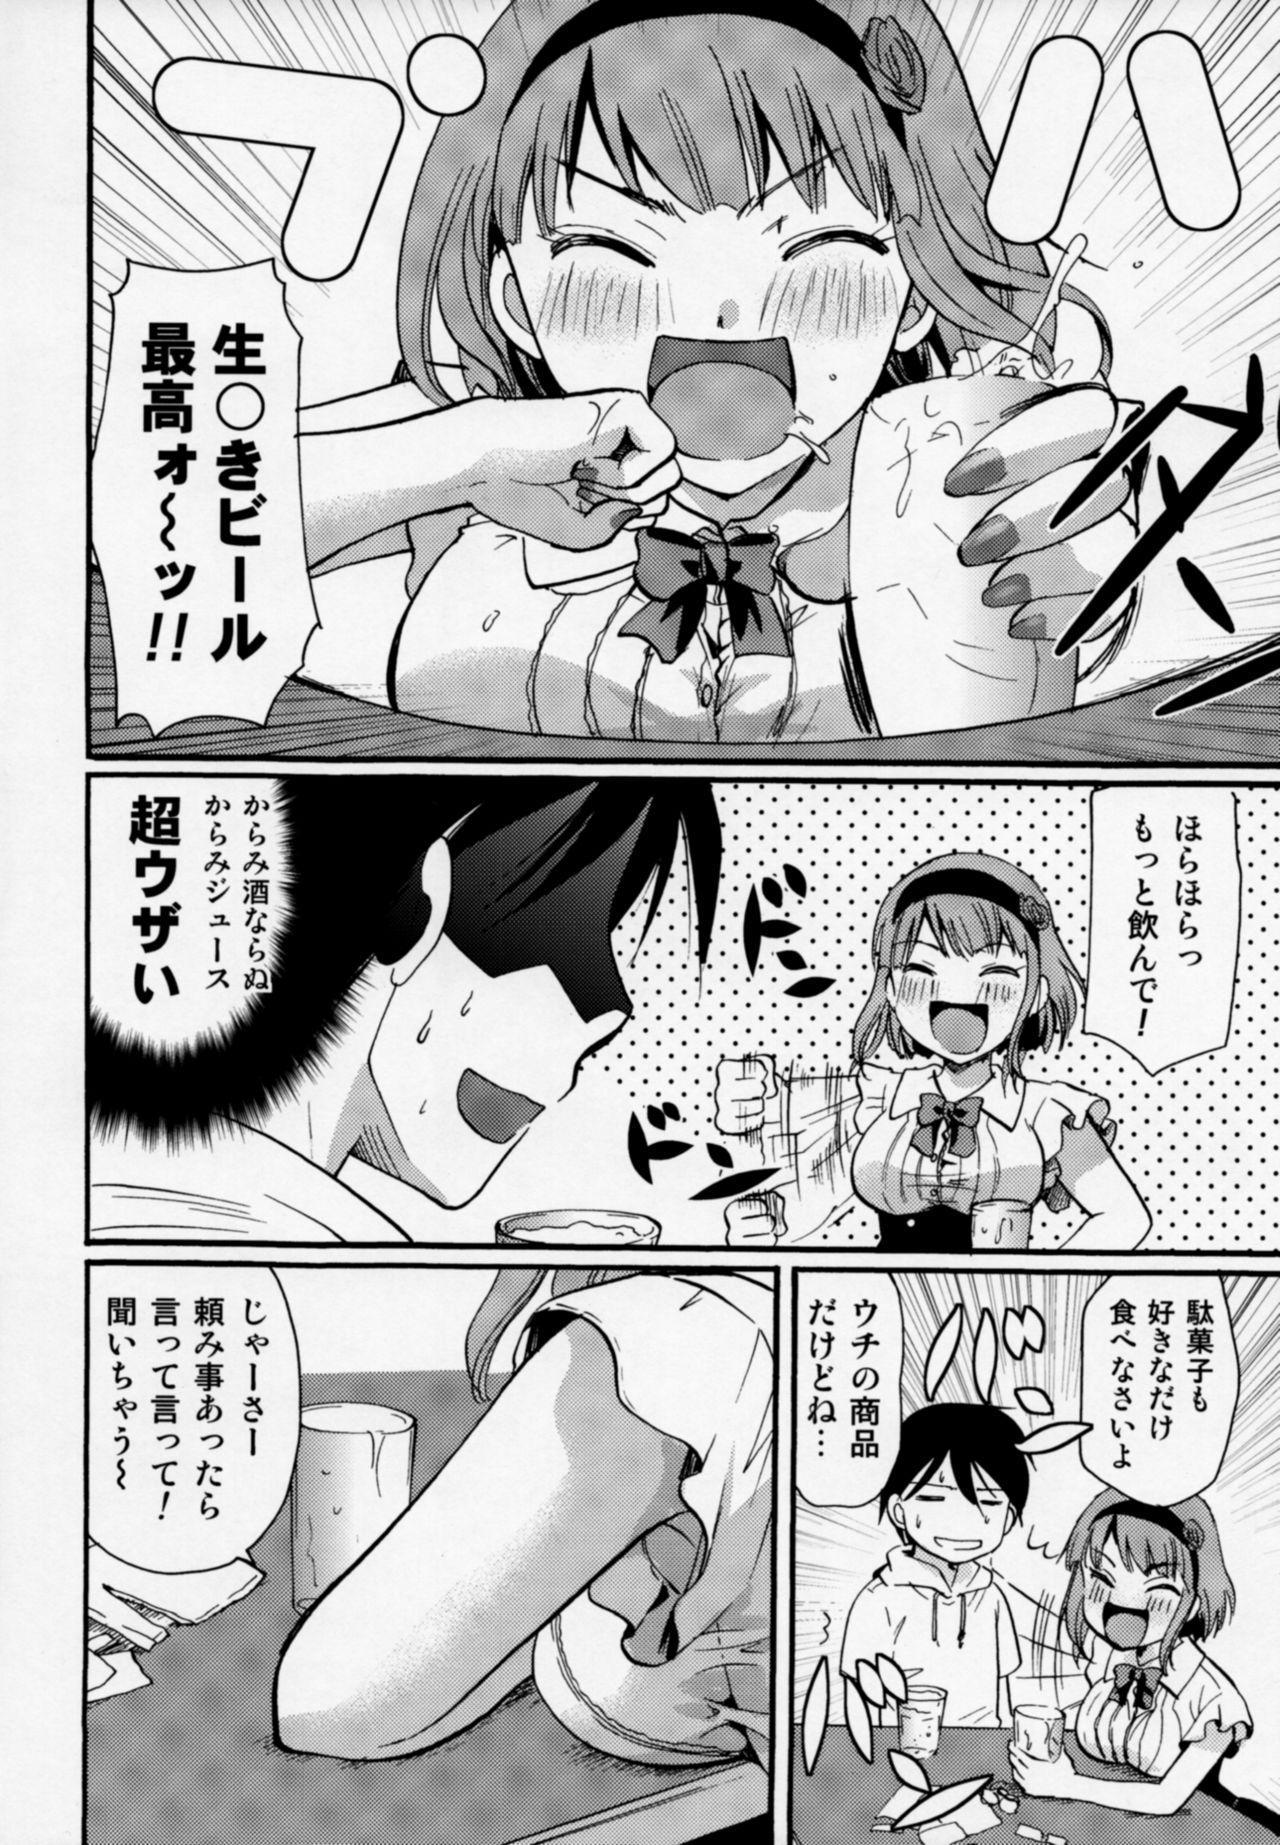 Muchi Shichu to Shoku Zato Kurocchi Shasei Dake! 30